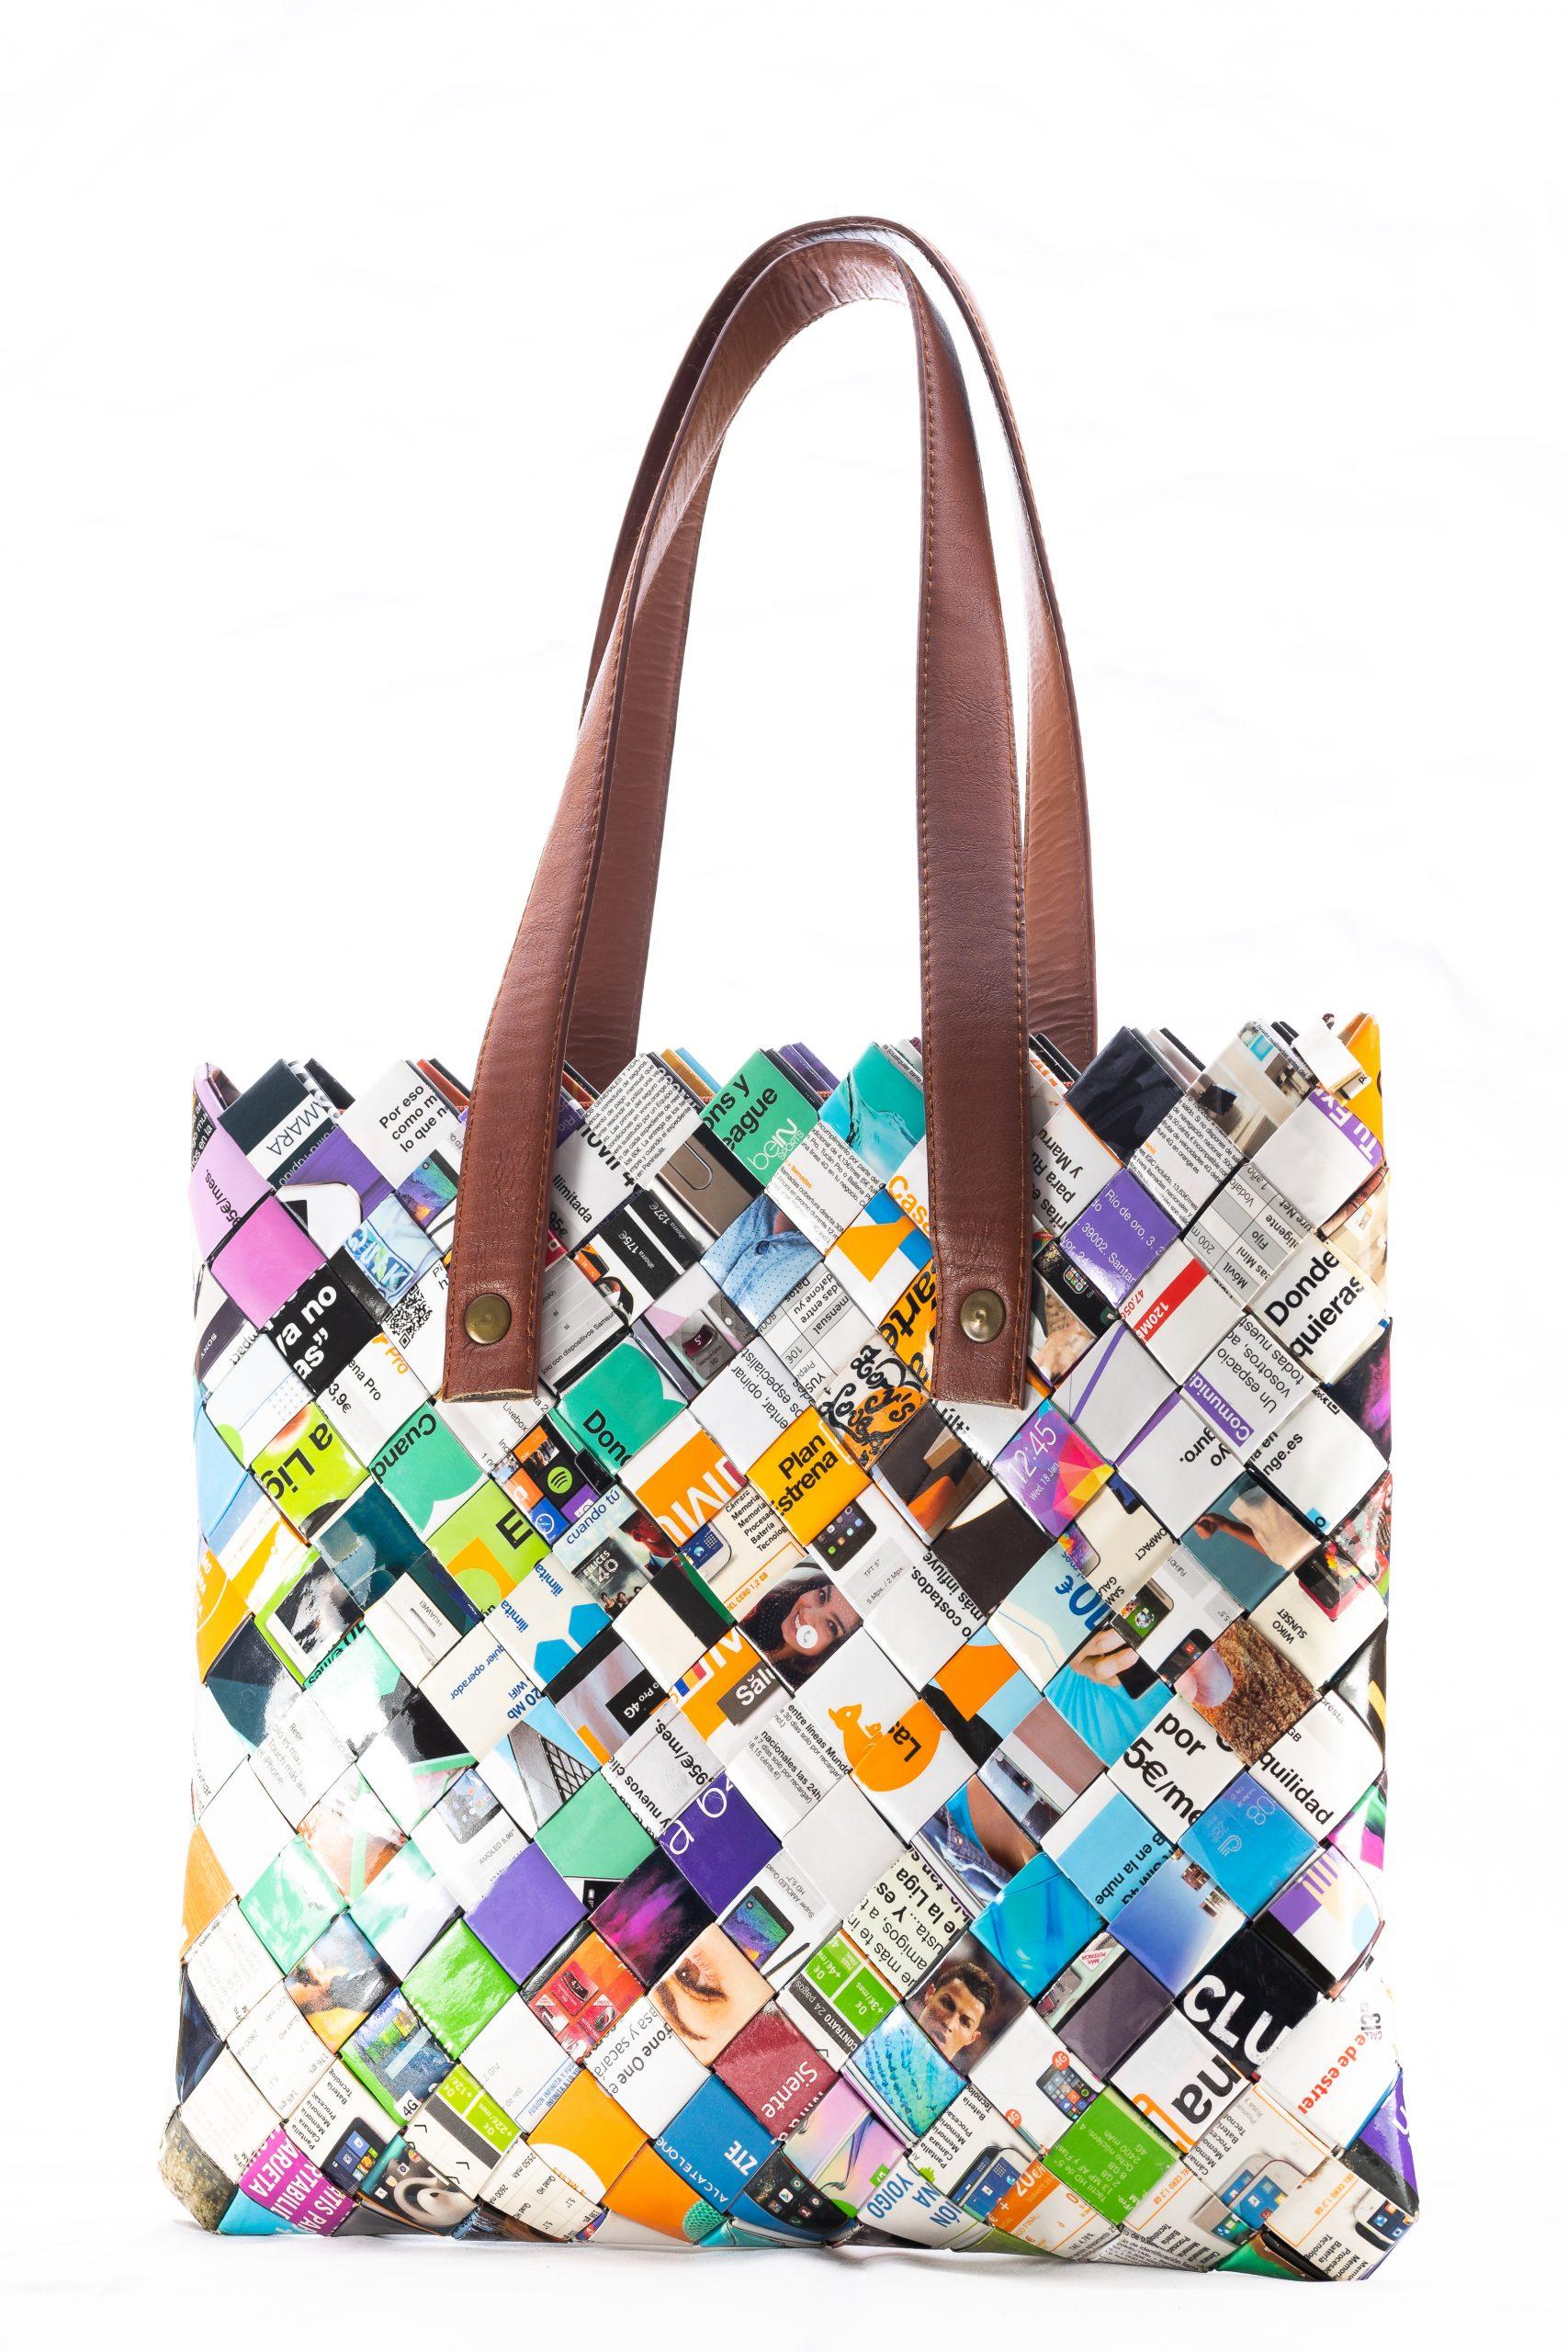 Zory'sLove, tu bolso personalizado relizado en papel reciclado